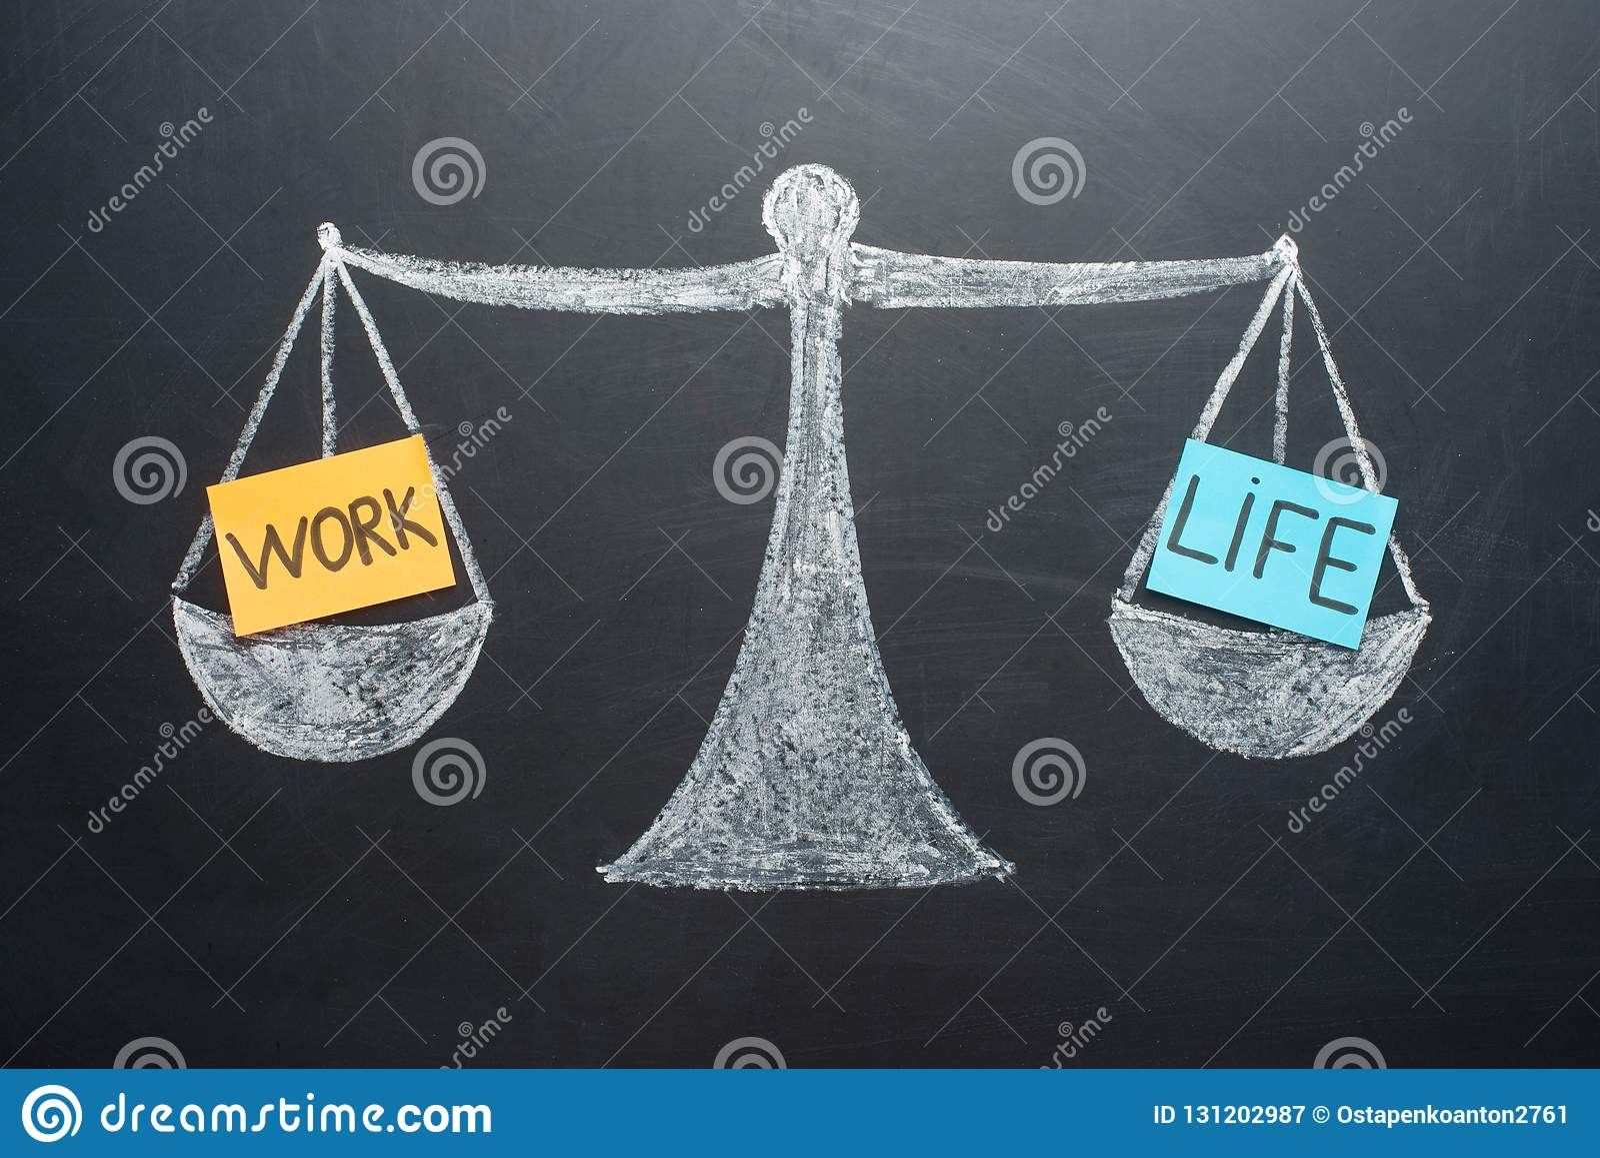 Επιχείρηση κλιμάκων ισορροπίας ζωής εργασίας και επιλογή οικογενειακού τρόπου ζωής